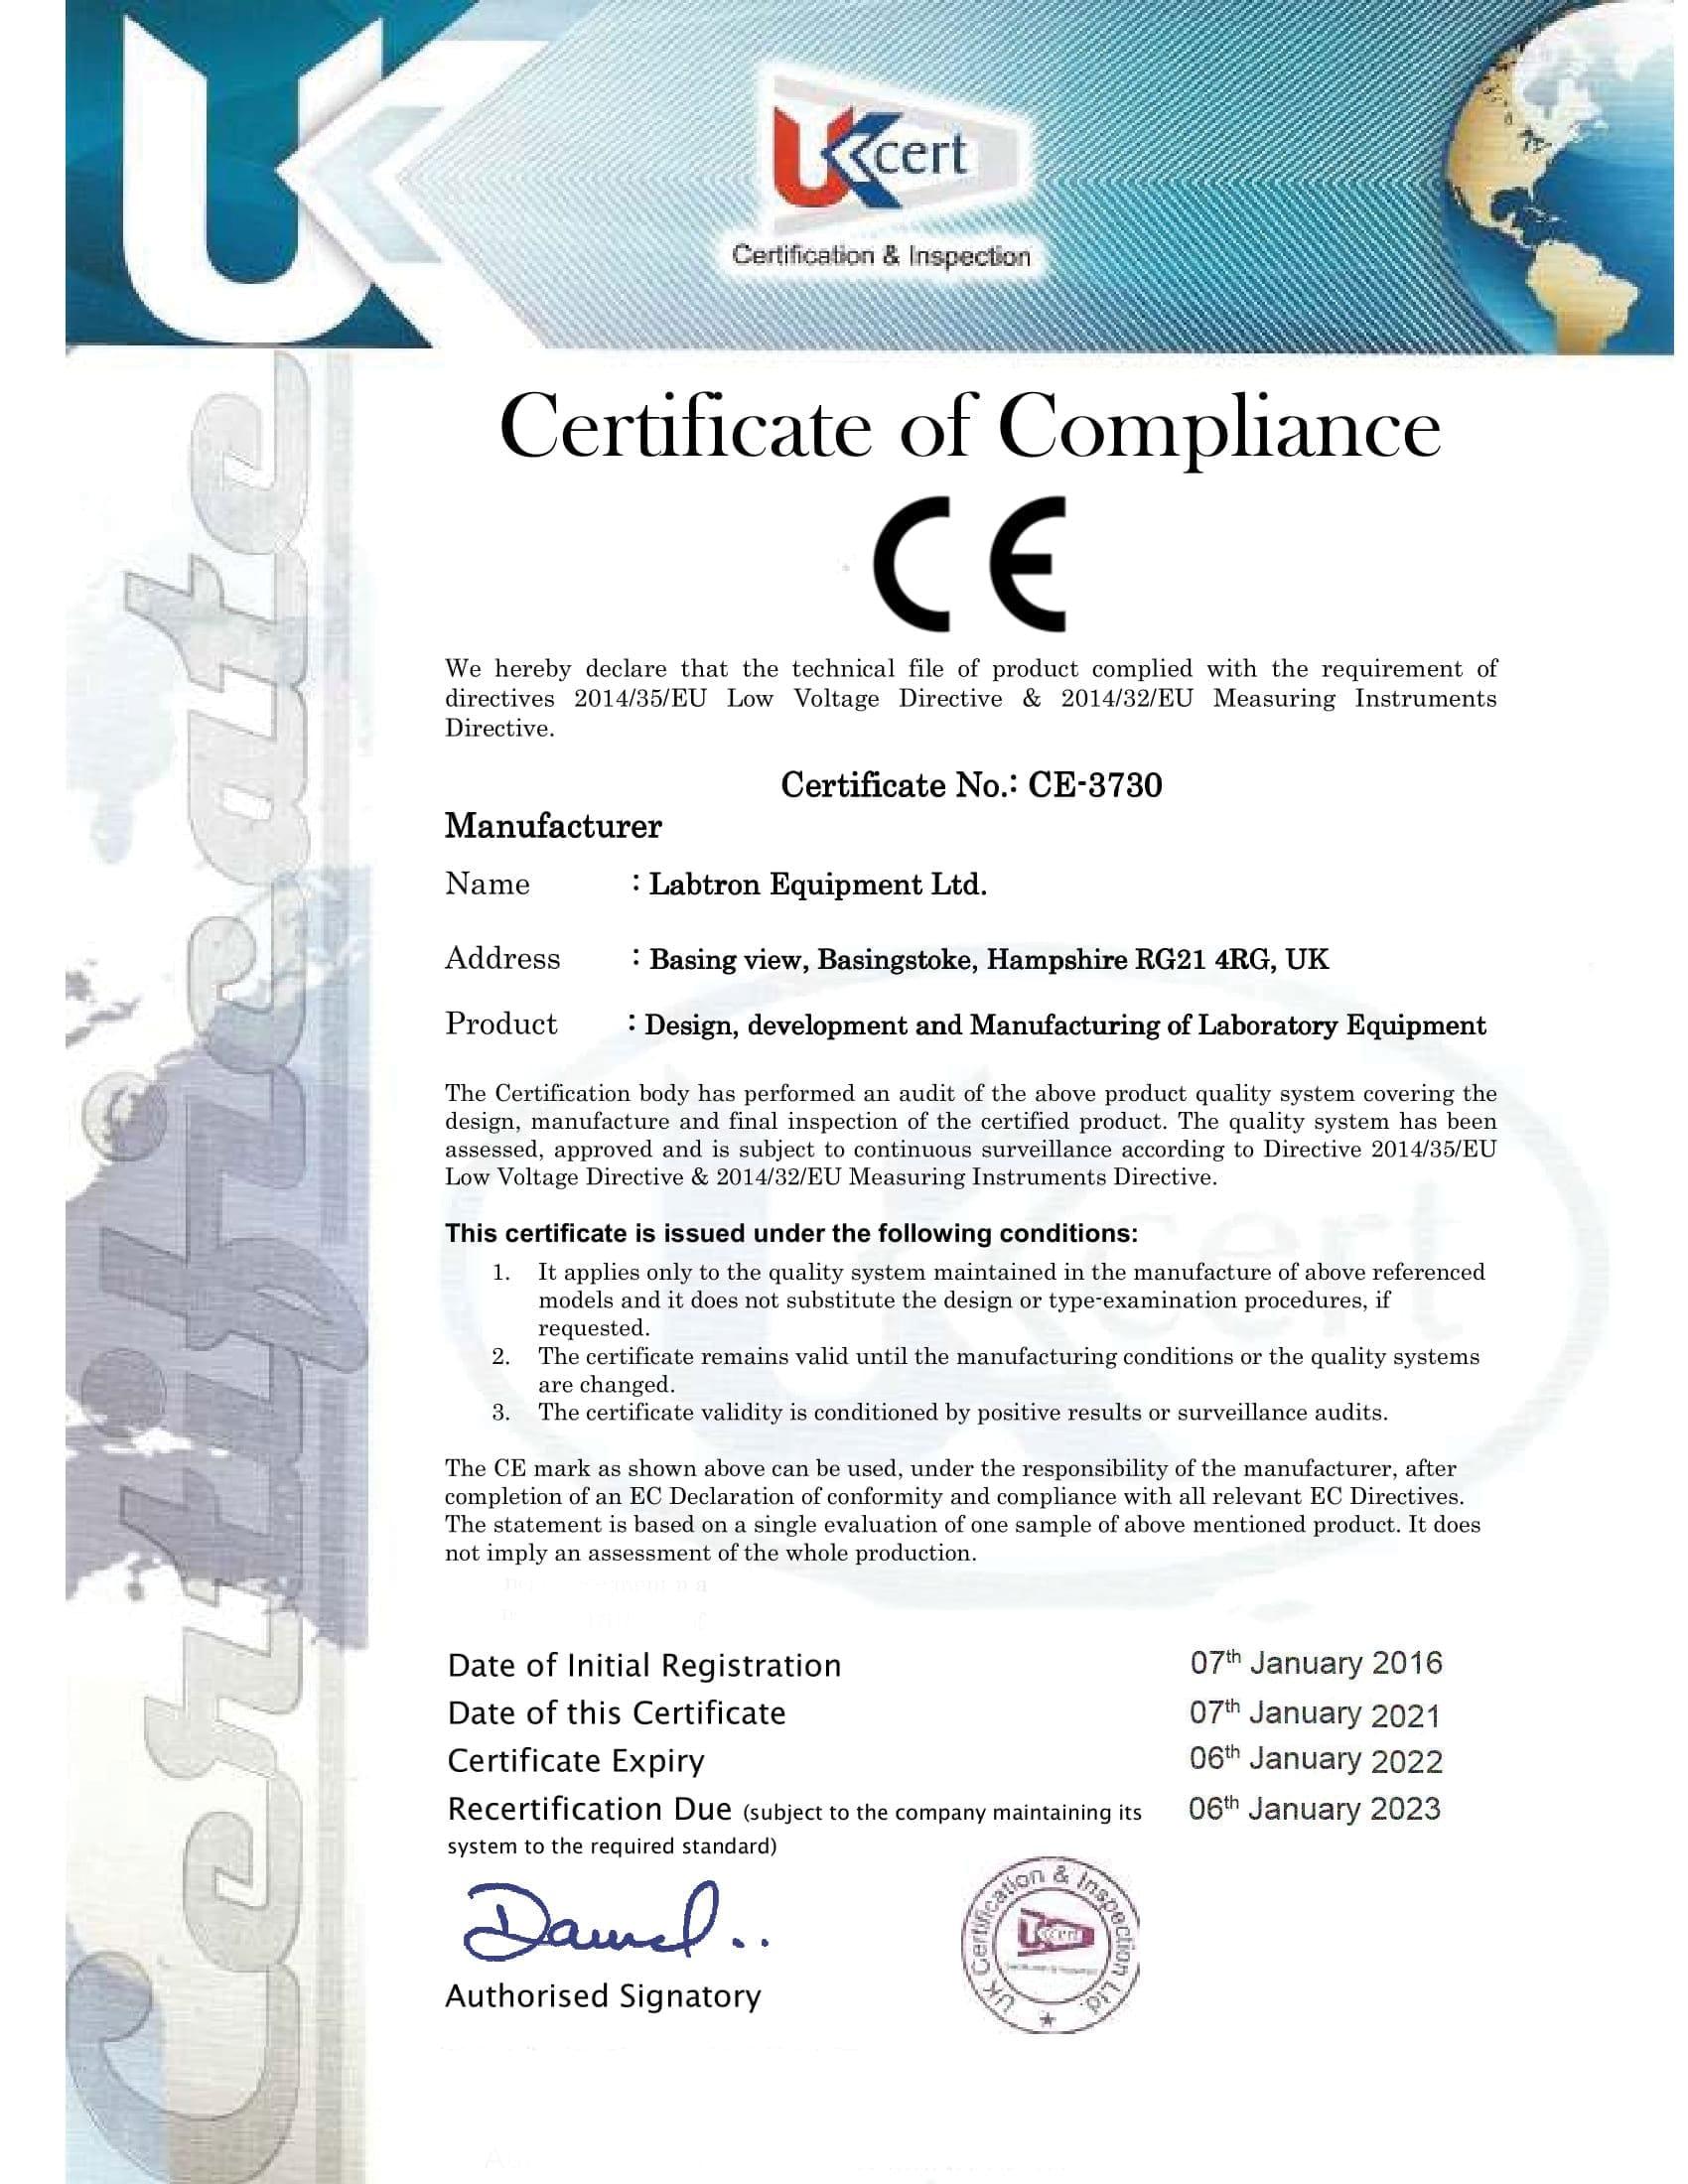 Labtron Equipment Ltd. CE-3730 : Labtron Certification